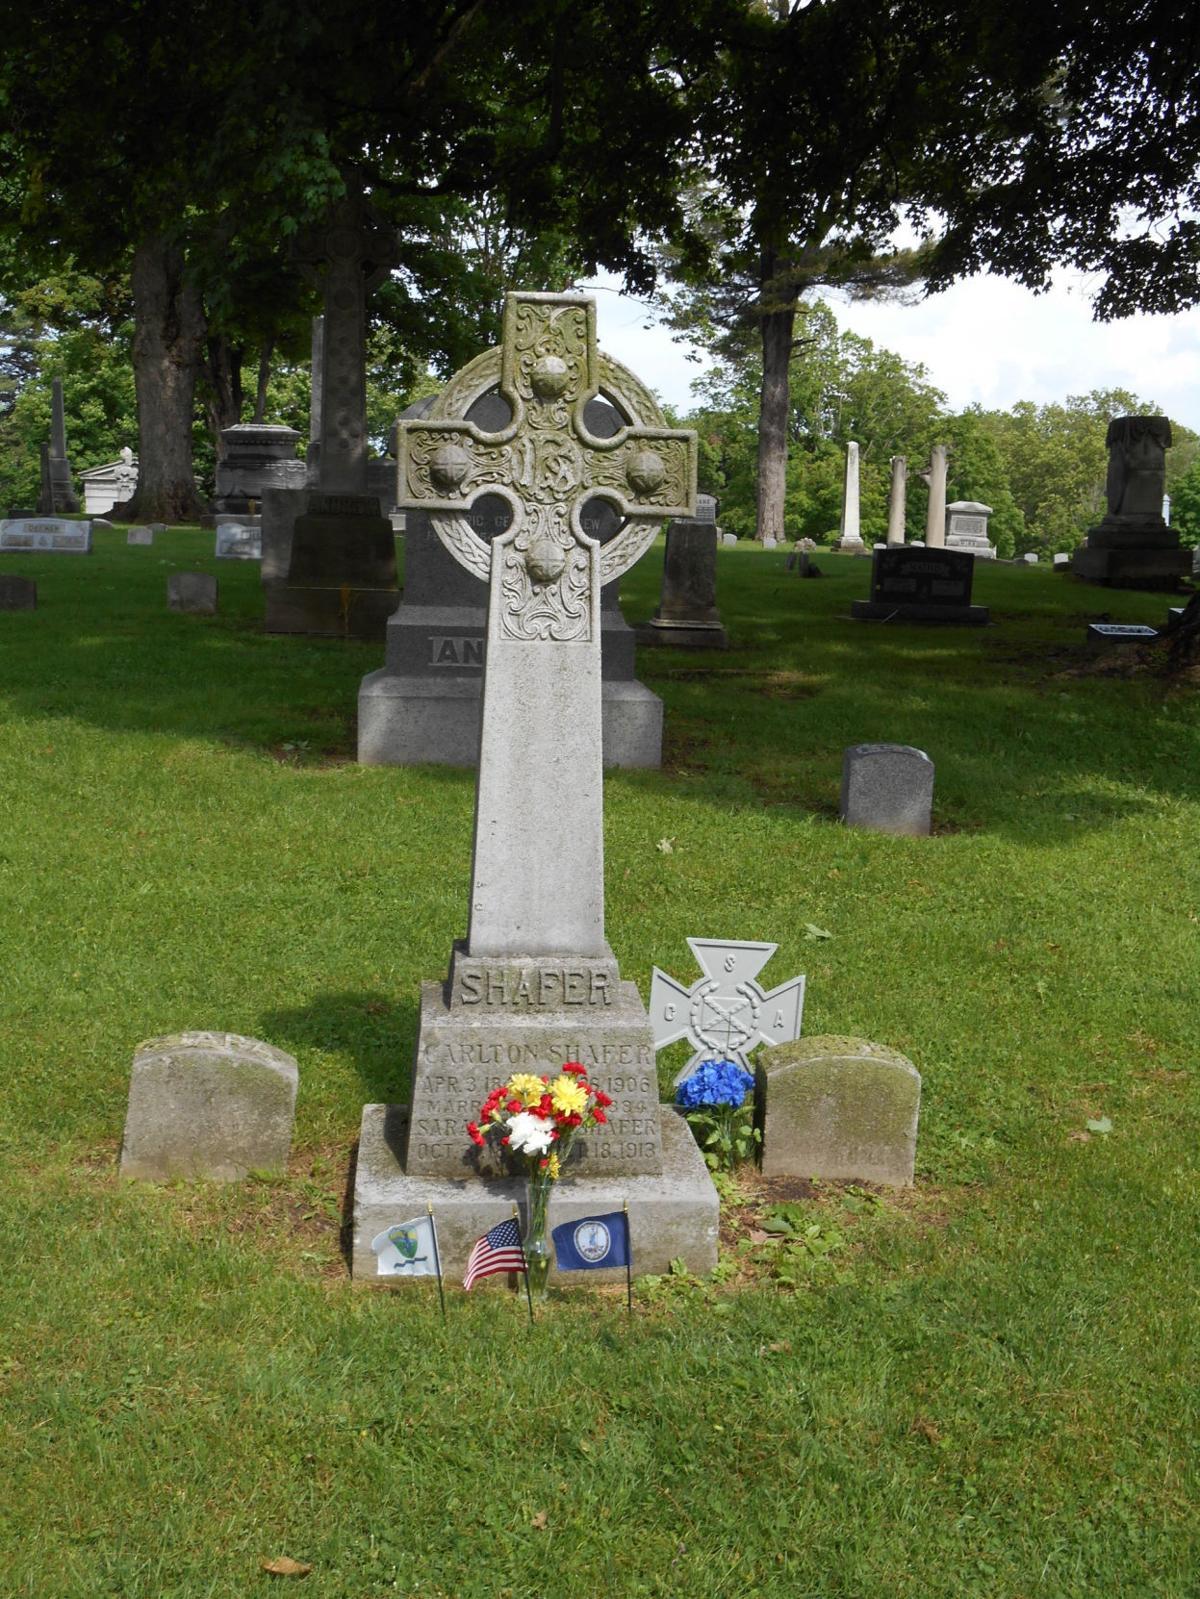 Carlton Shafer's grave